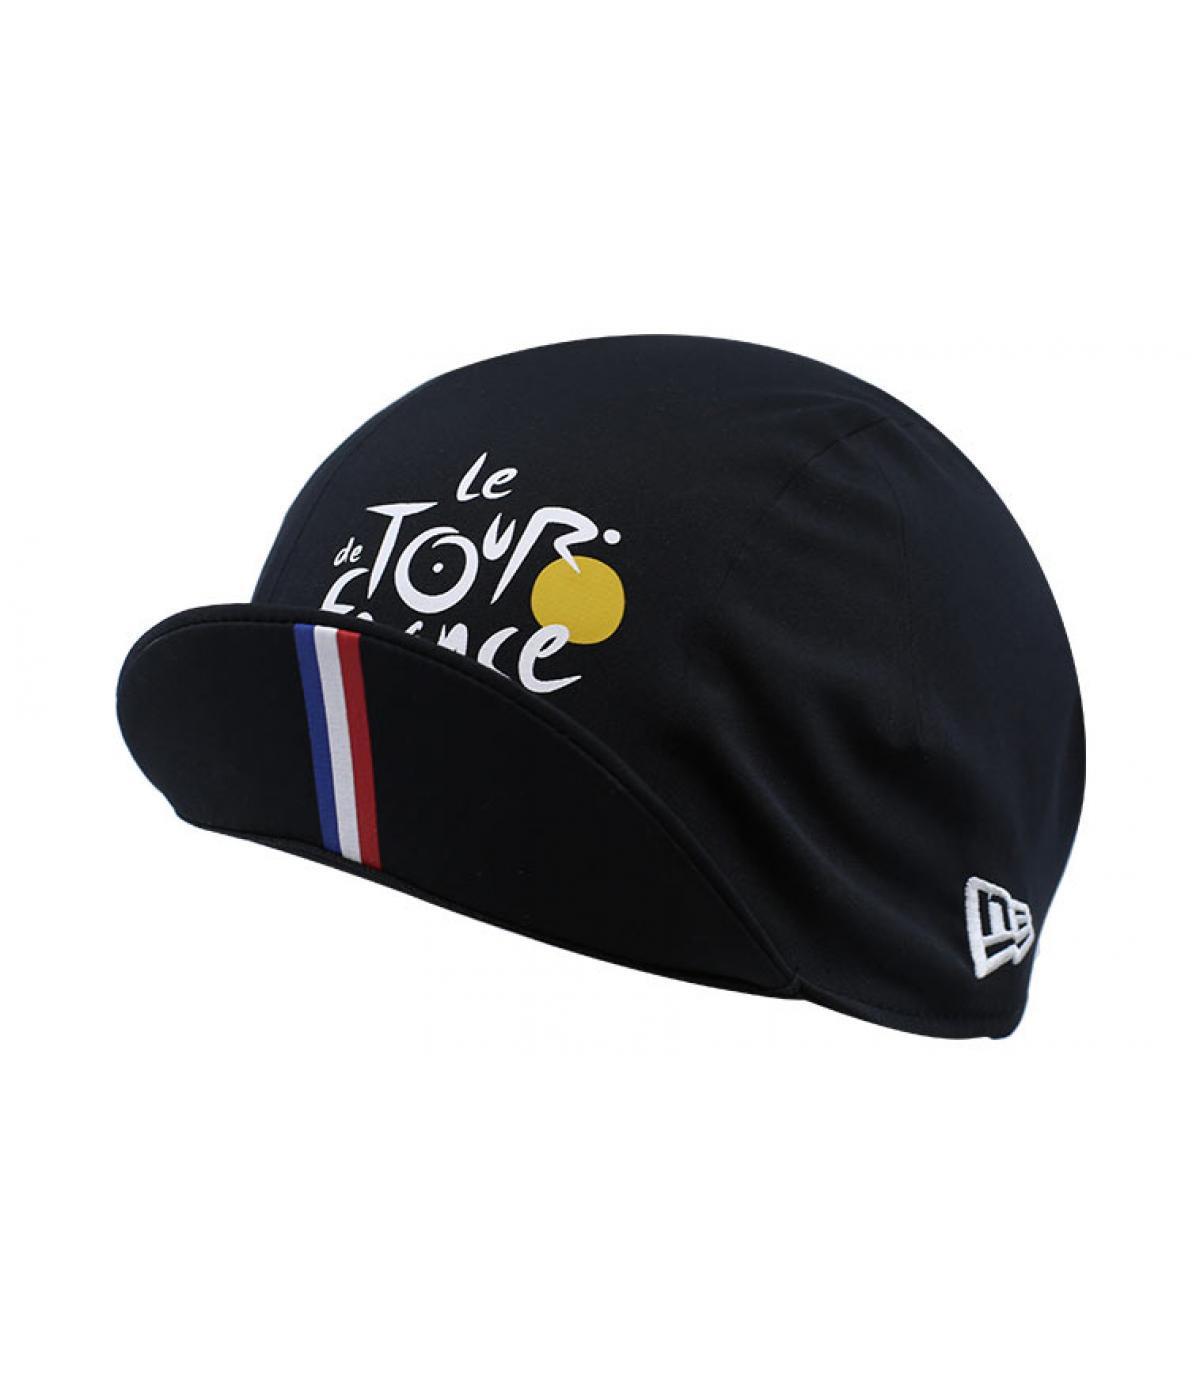 Détails Casquette Tour de France Cycling black - image 2